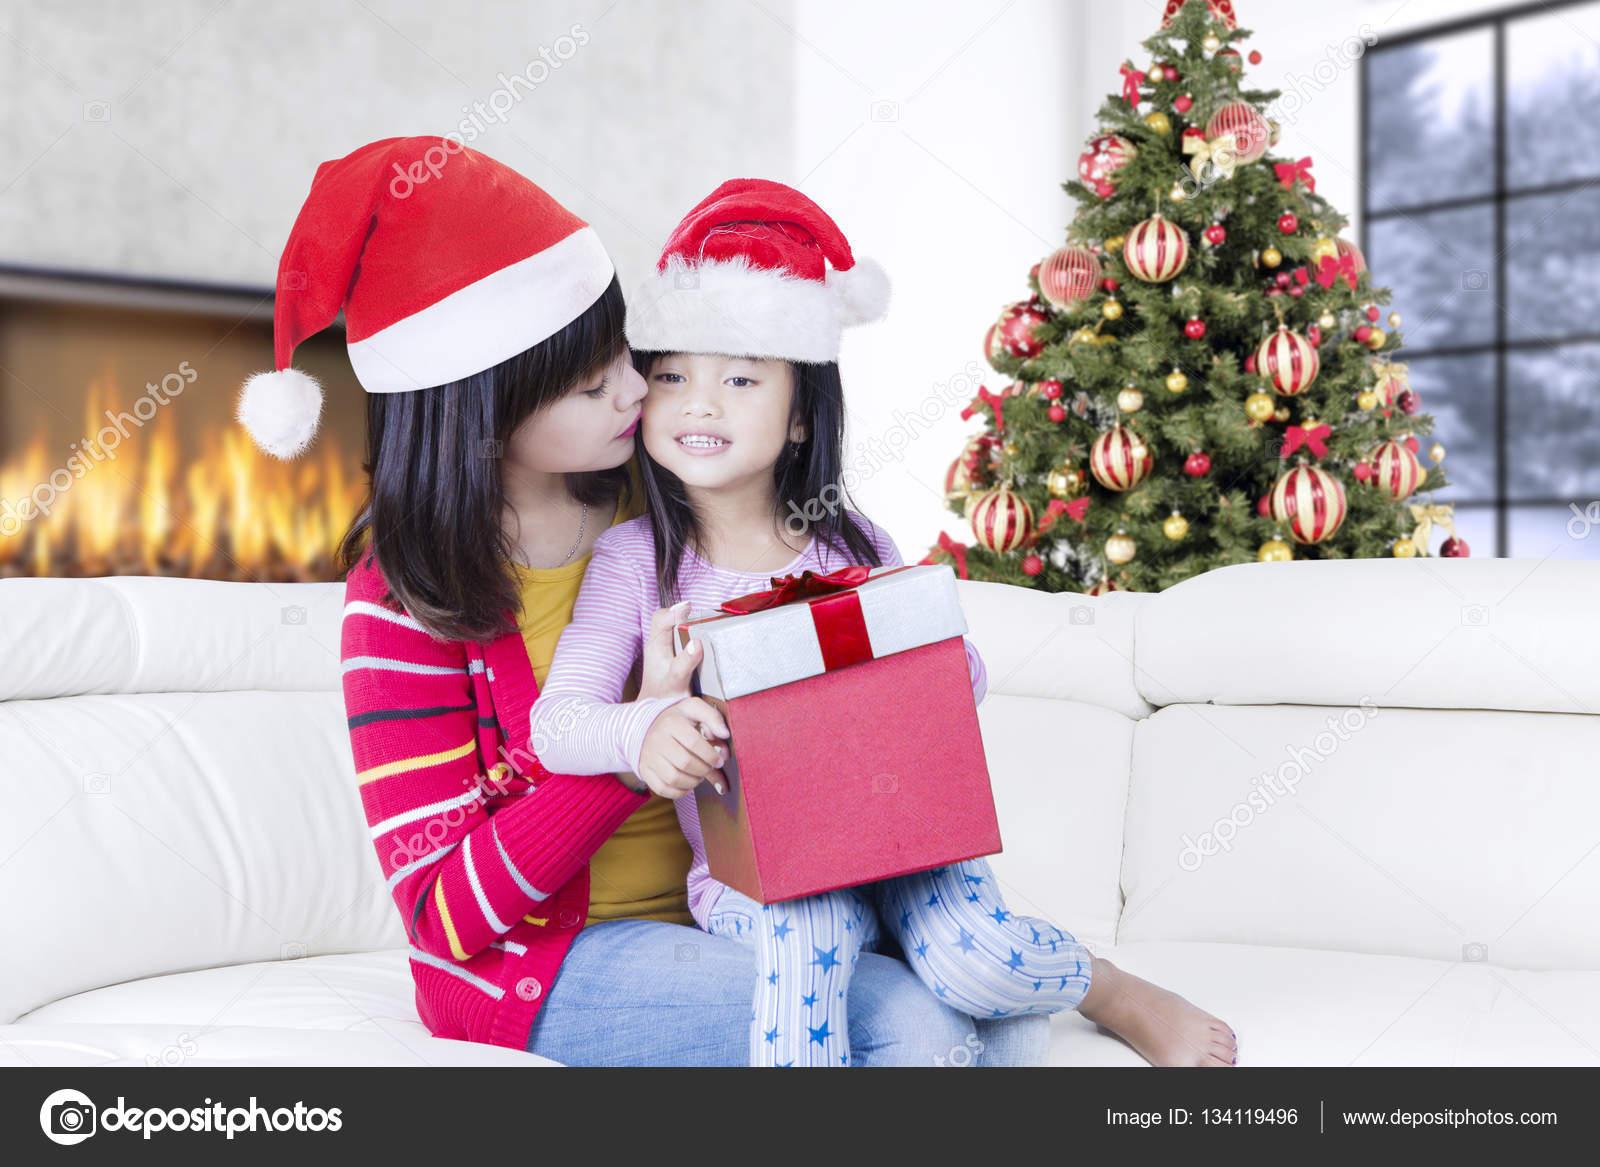 belle m re baise petite fille avec cadeau photographie realinemedia 134119496. Black Bedroom Furniture Sets. Home Design Ideas